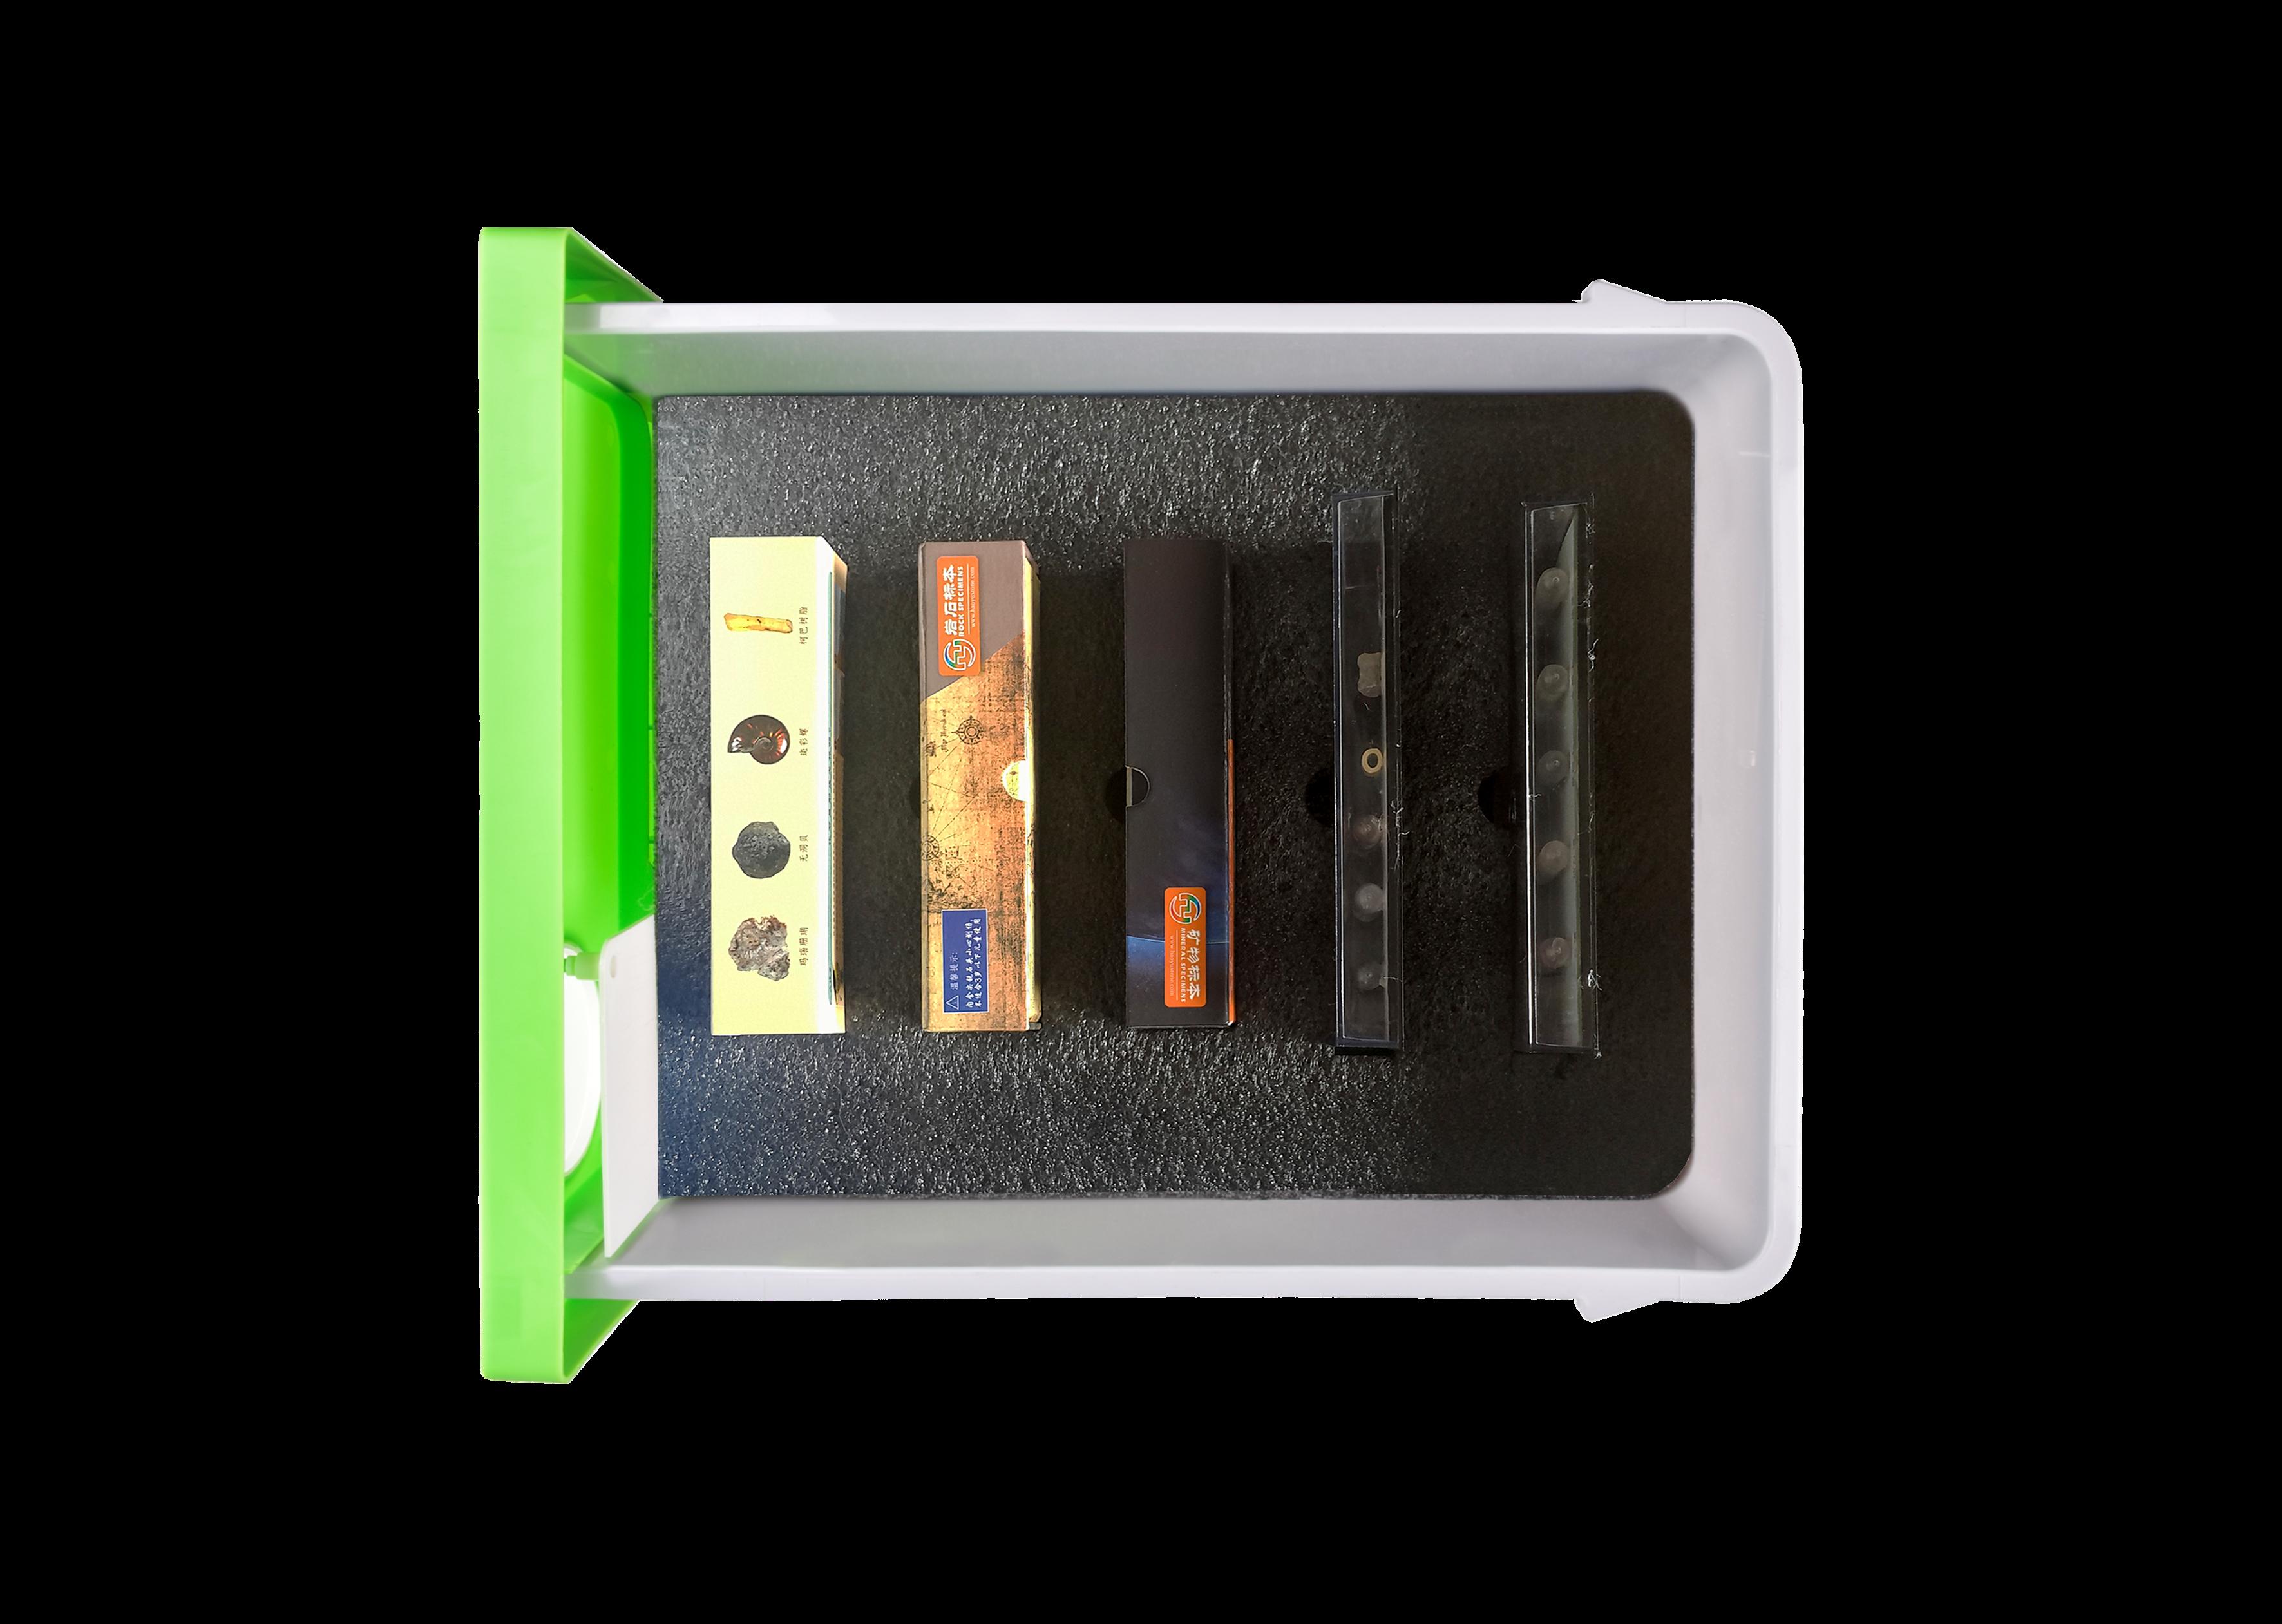 小学科学实验箱-抽屉式主题新课标-地球科学标本抽屉